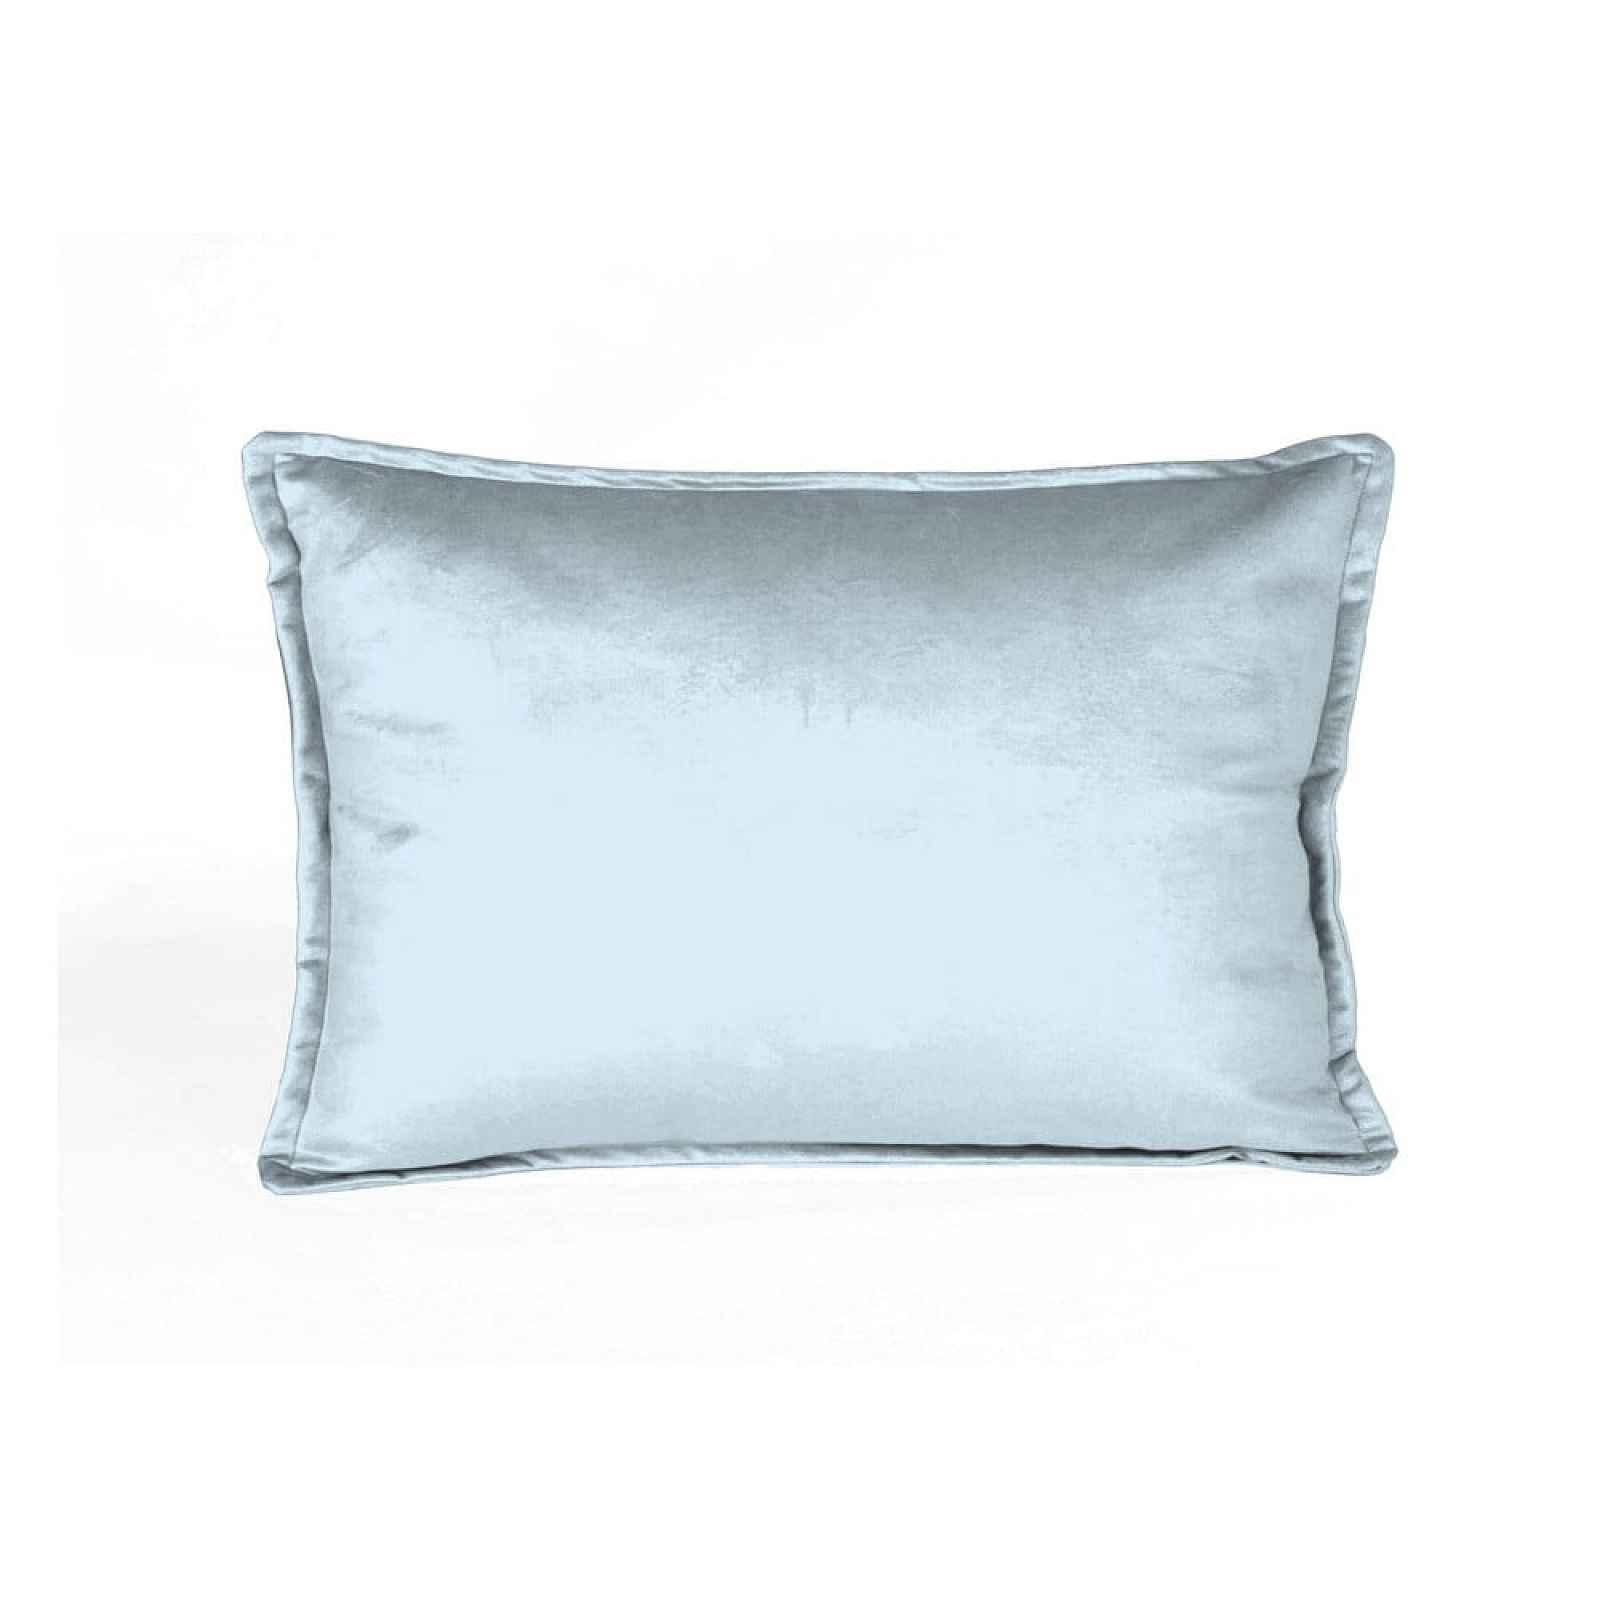 Světle modrý sametový polštář Velvet Atelier Terciopelo,50x35cm